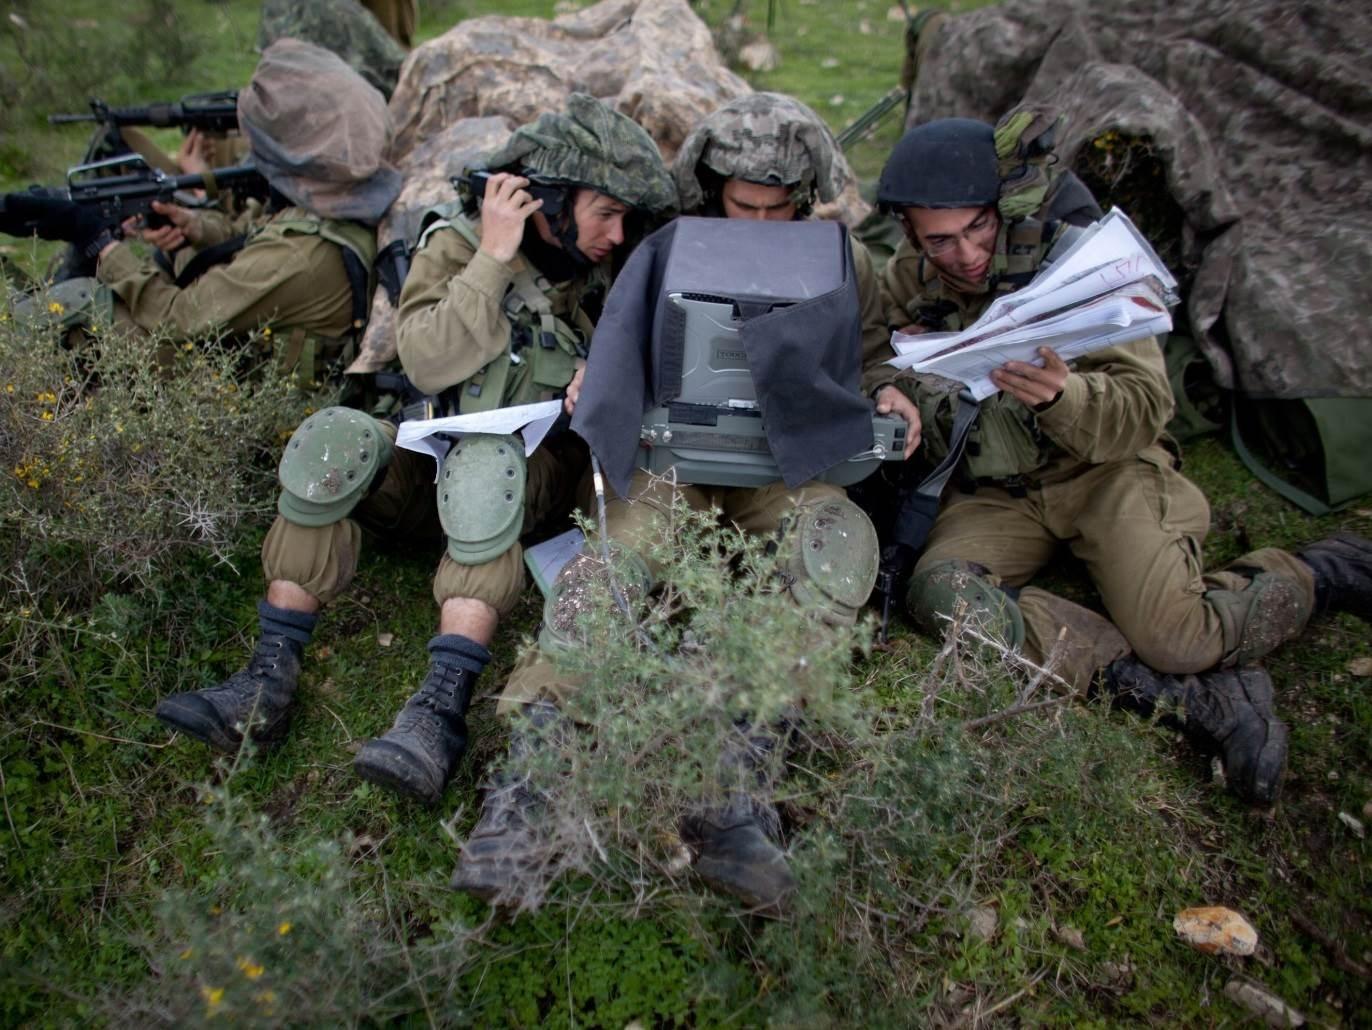 جنود إسرائيليون على الحدود اللبنانية الفلسطينية المحتلة